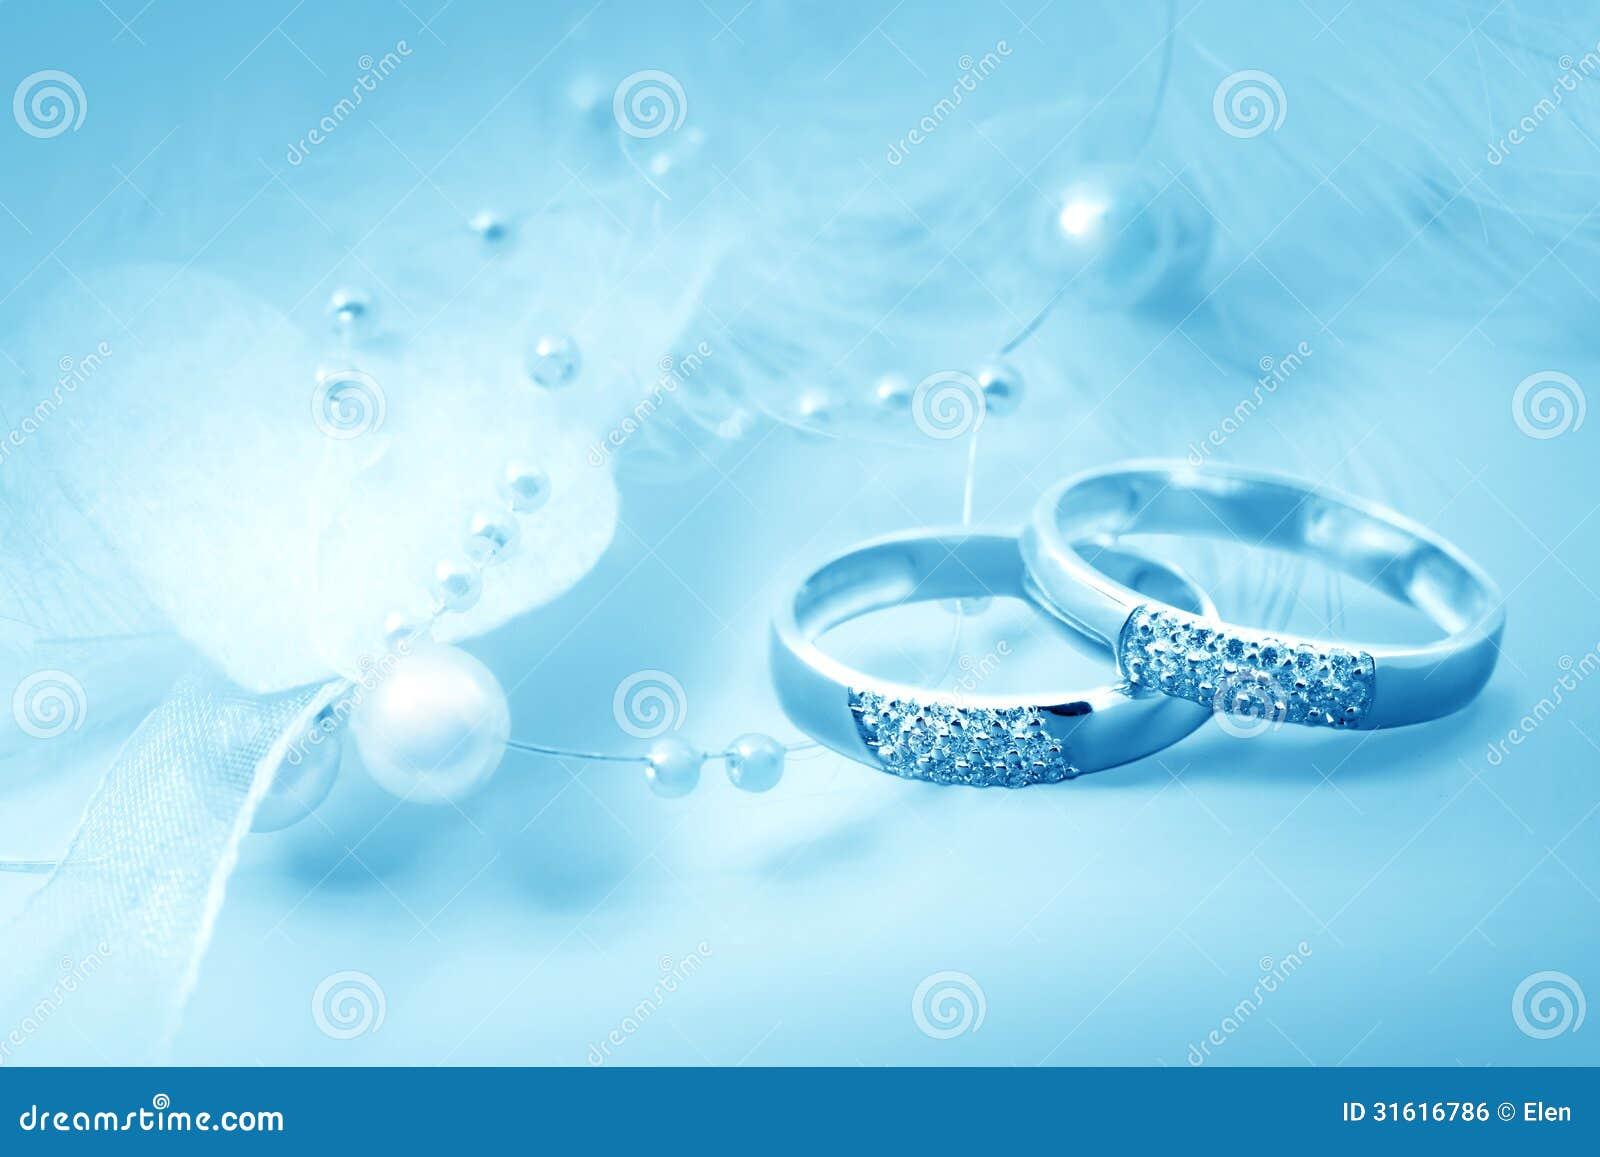 Anneaux De Mariage Image libre de droits - Image: 31616786